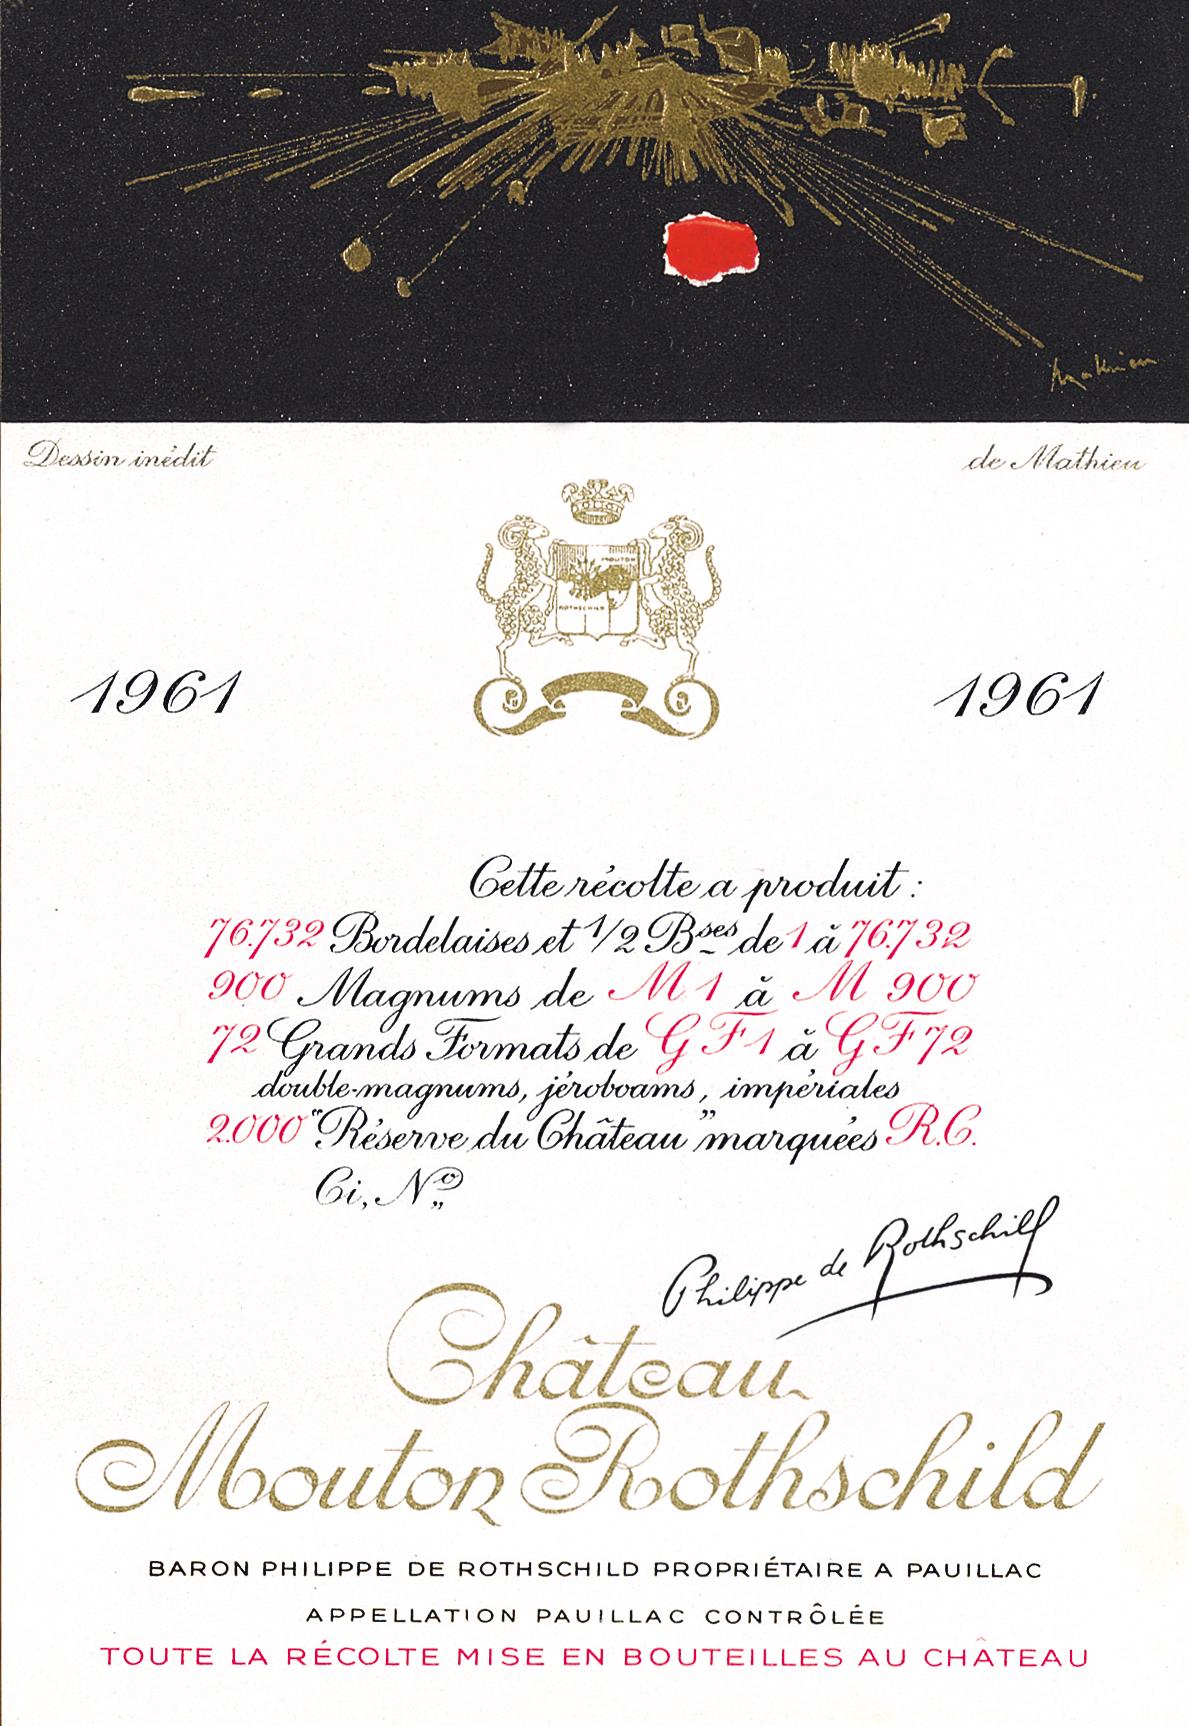 Etiquette Mouton Rothschild 1961